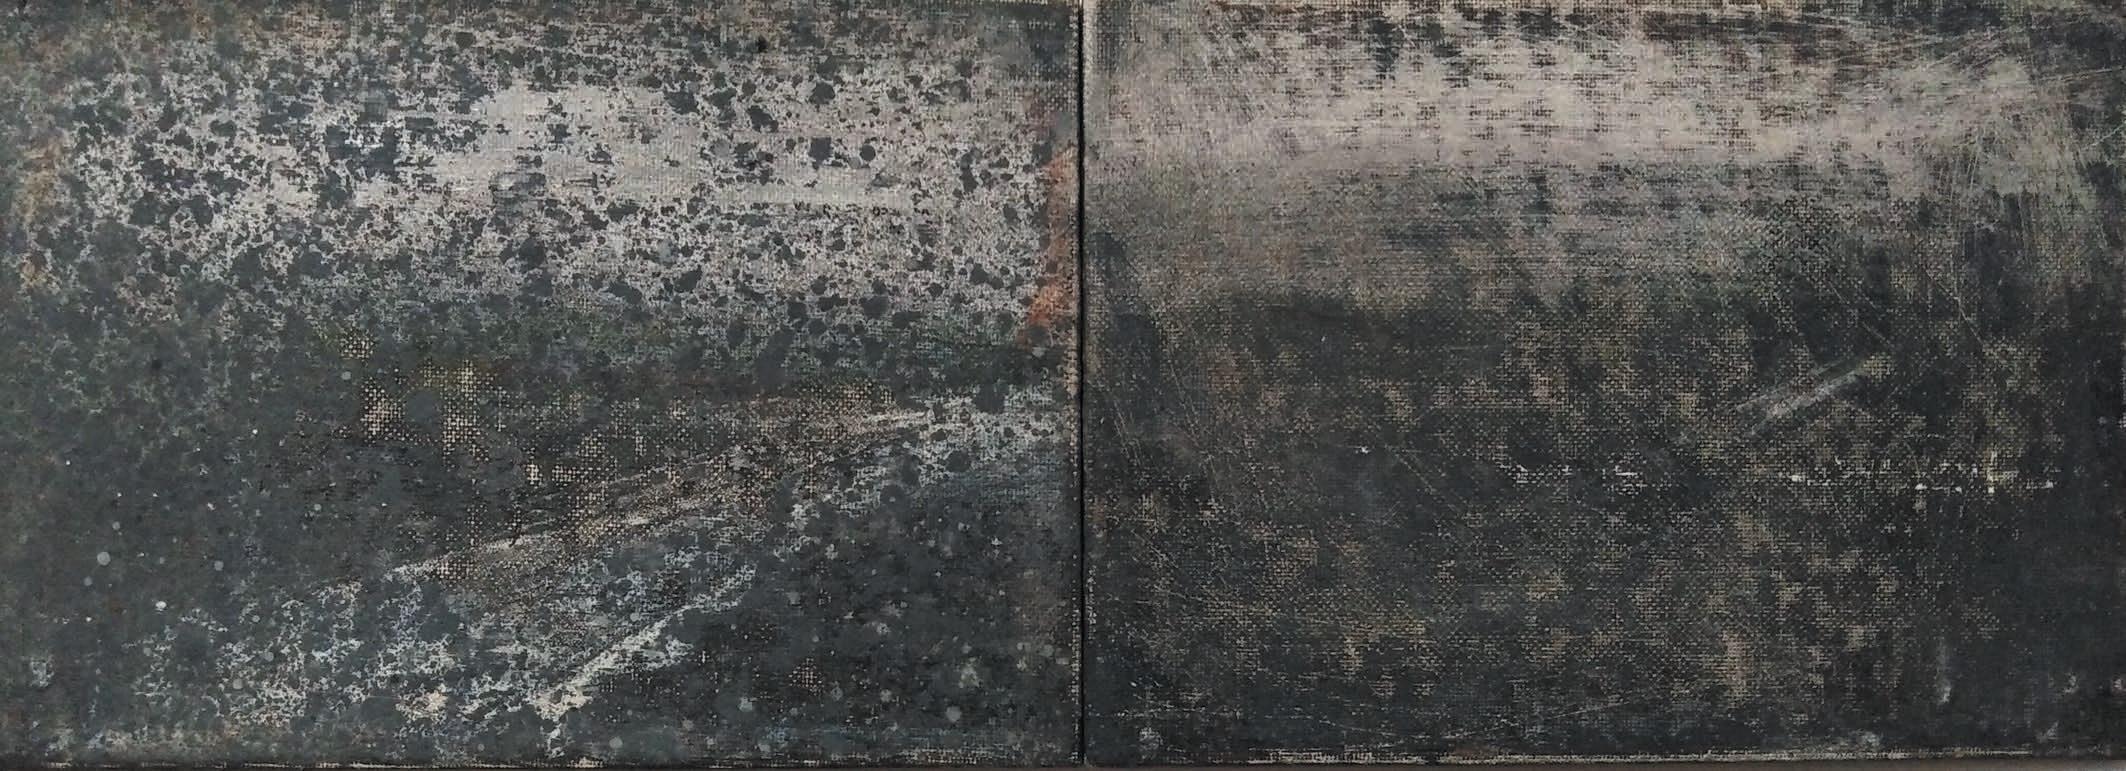 Massimo Romani, Landscape (14)- 2019 - olio su cartone telato - 13 x 36 cm